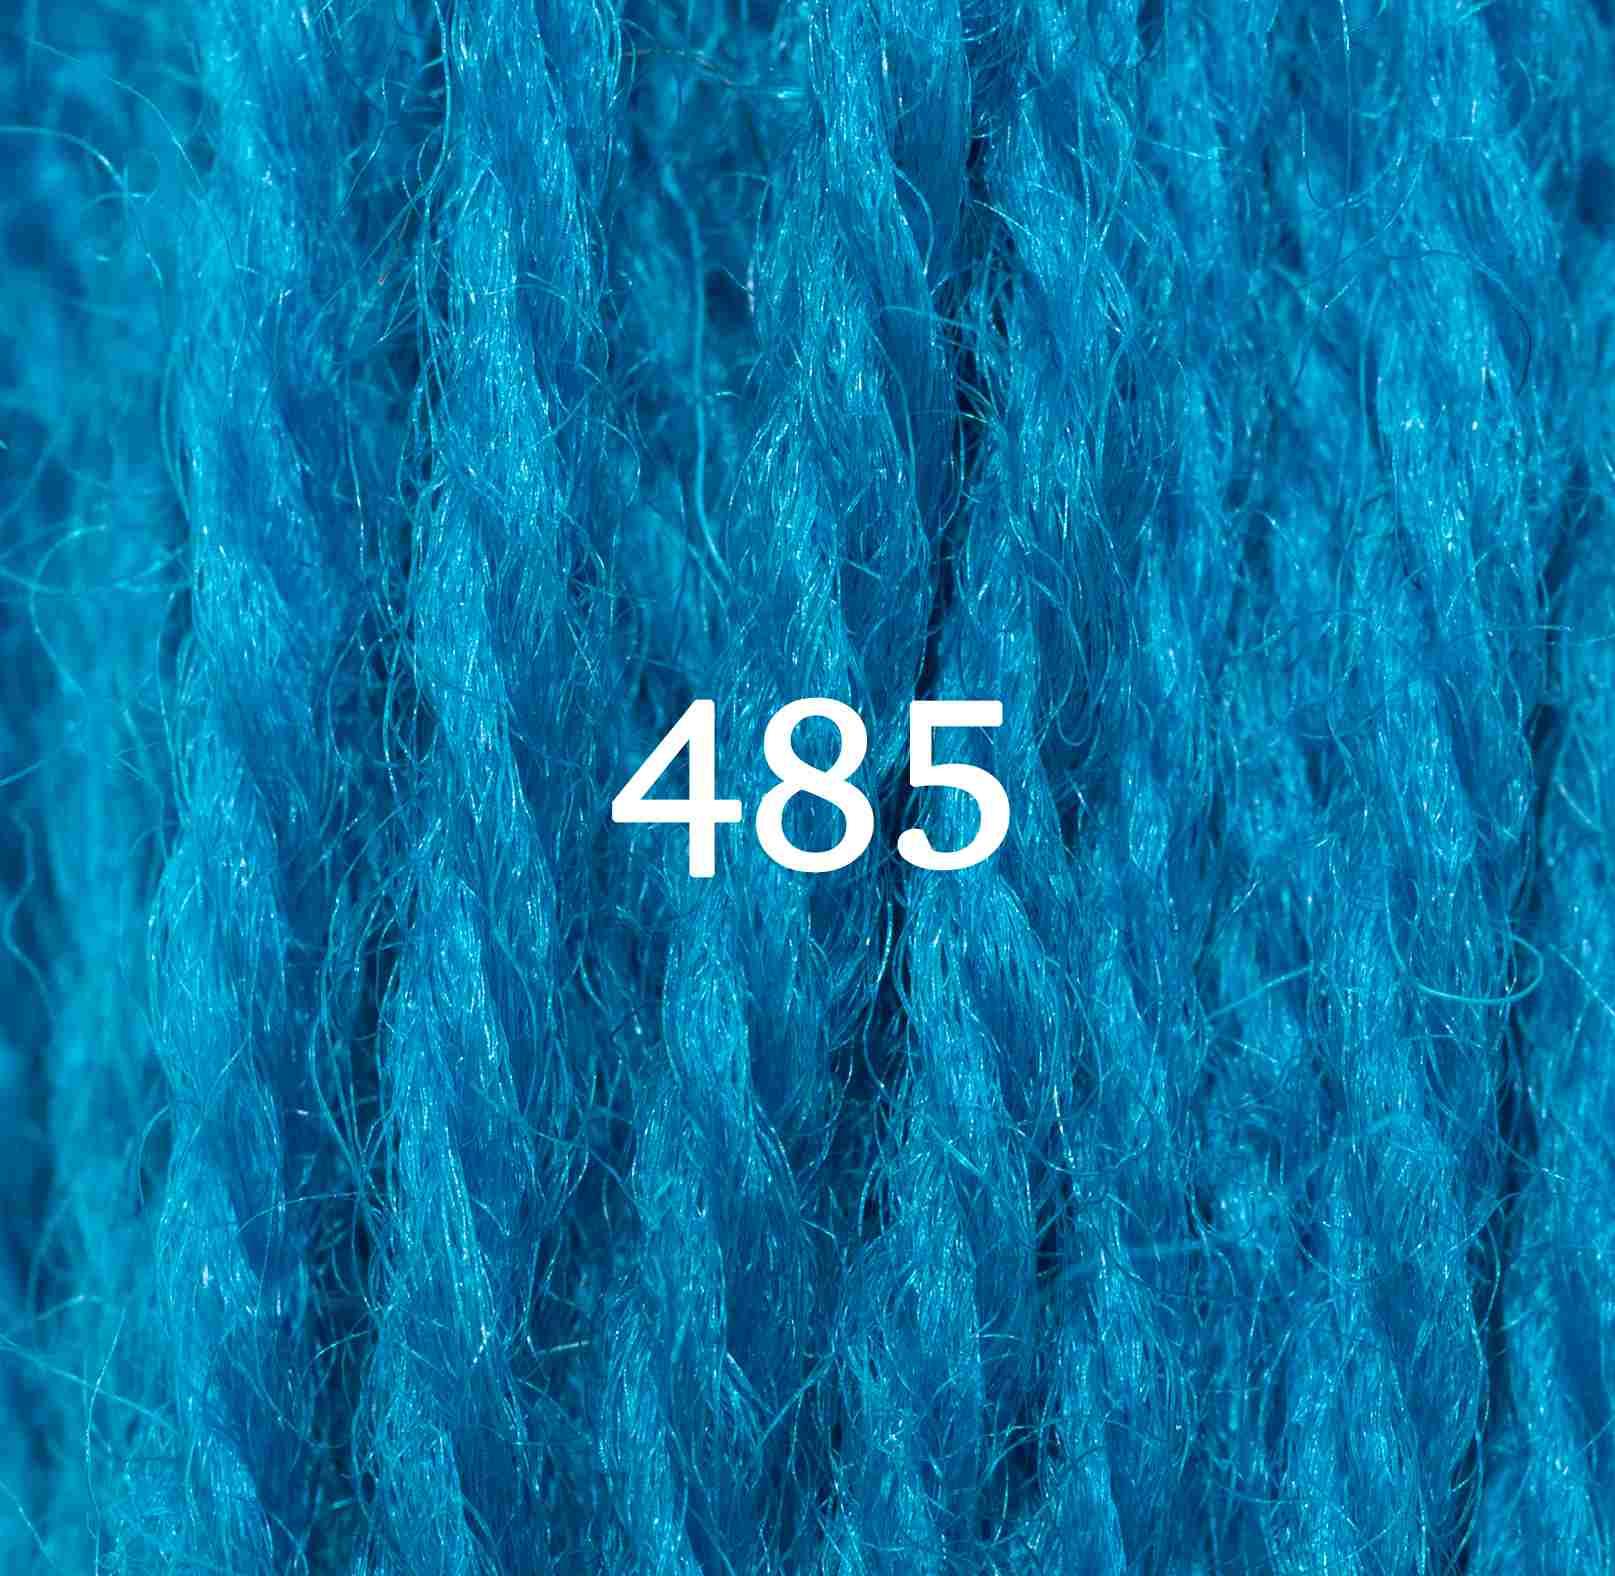 Kingfisher-485